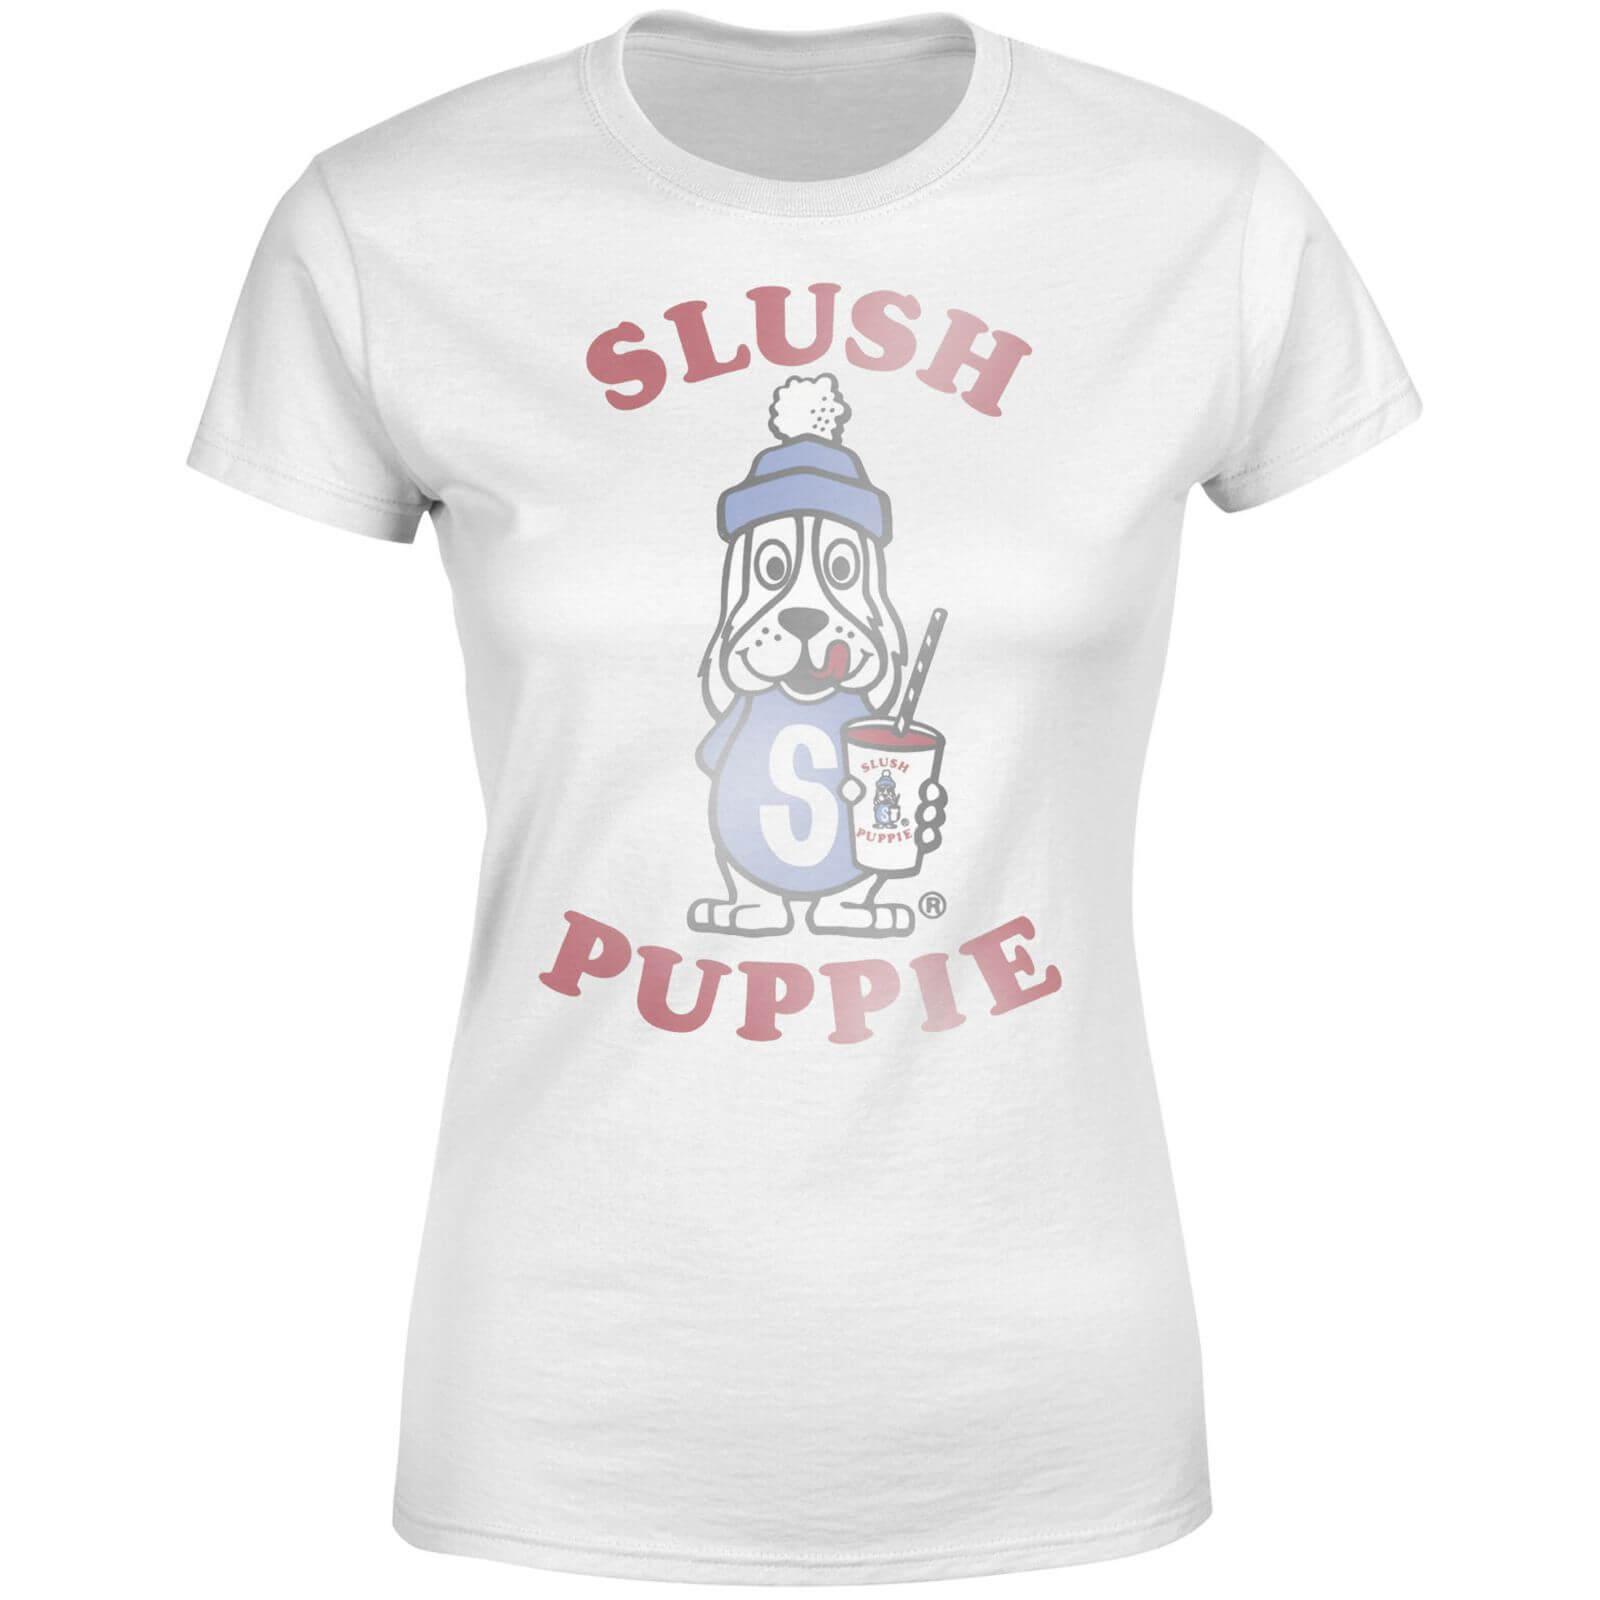 Slush Puppie Slush Puppie Women's T-Shirt - White - XL - White